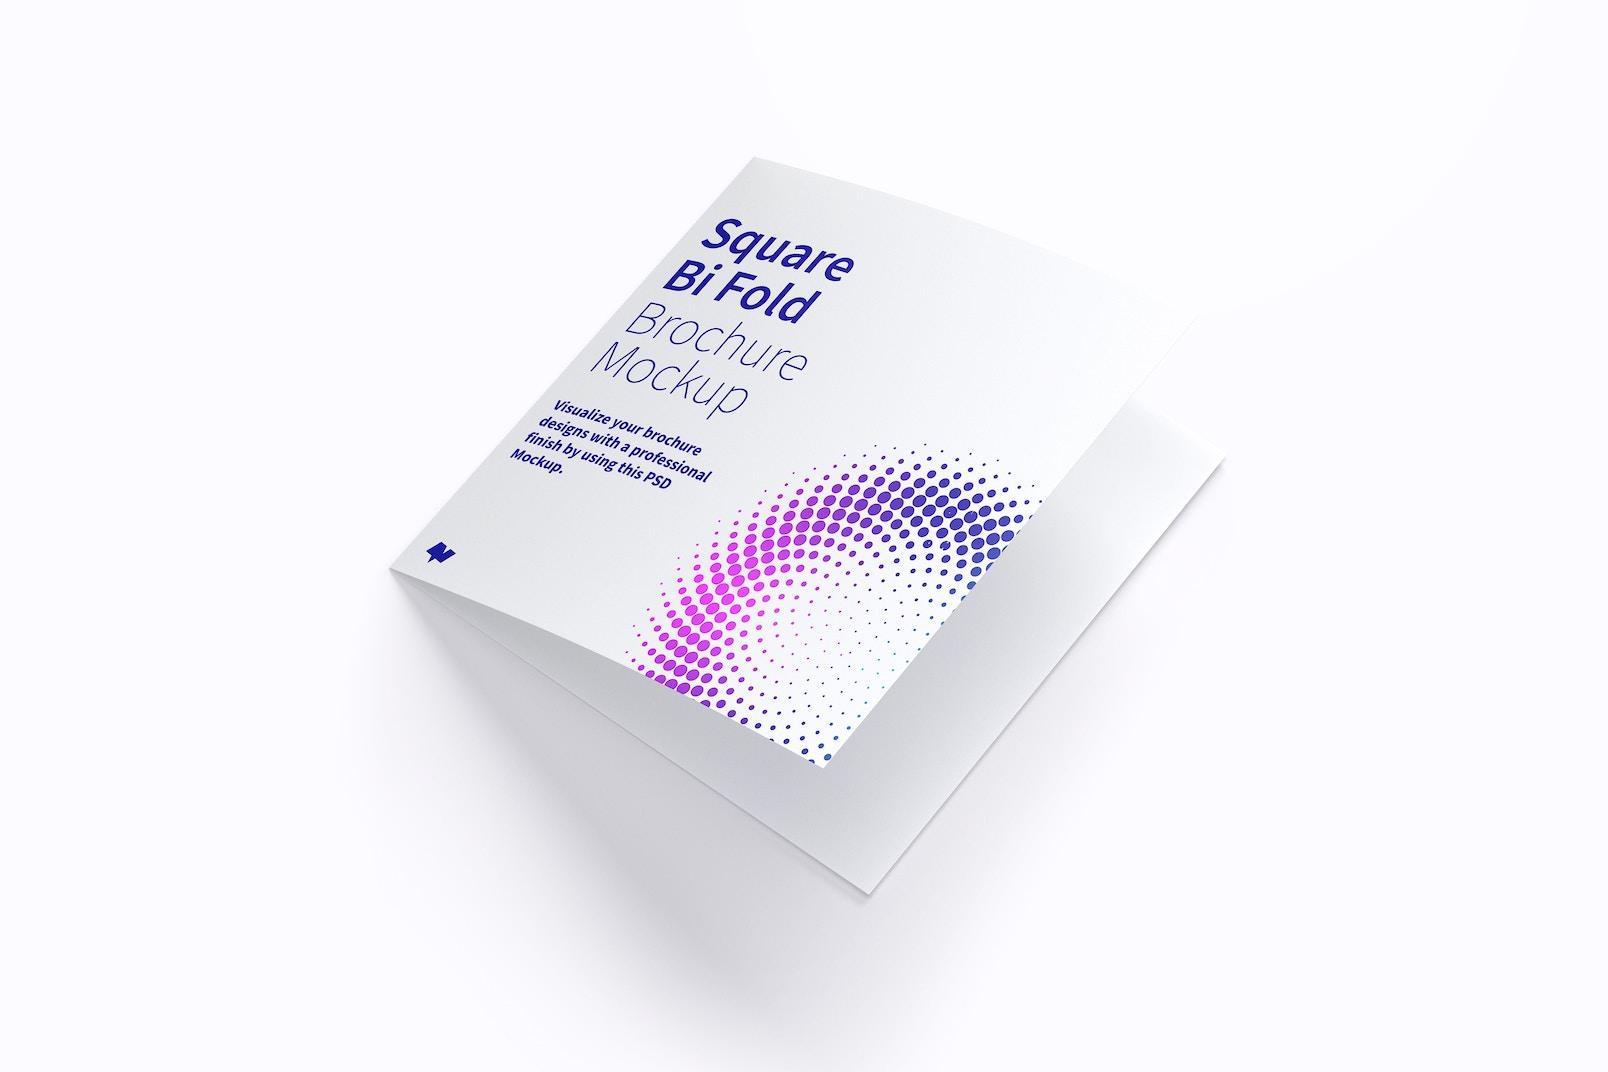 Square Bi Fold Brochure Mockup 01